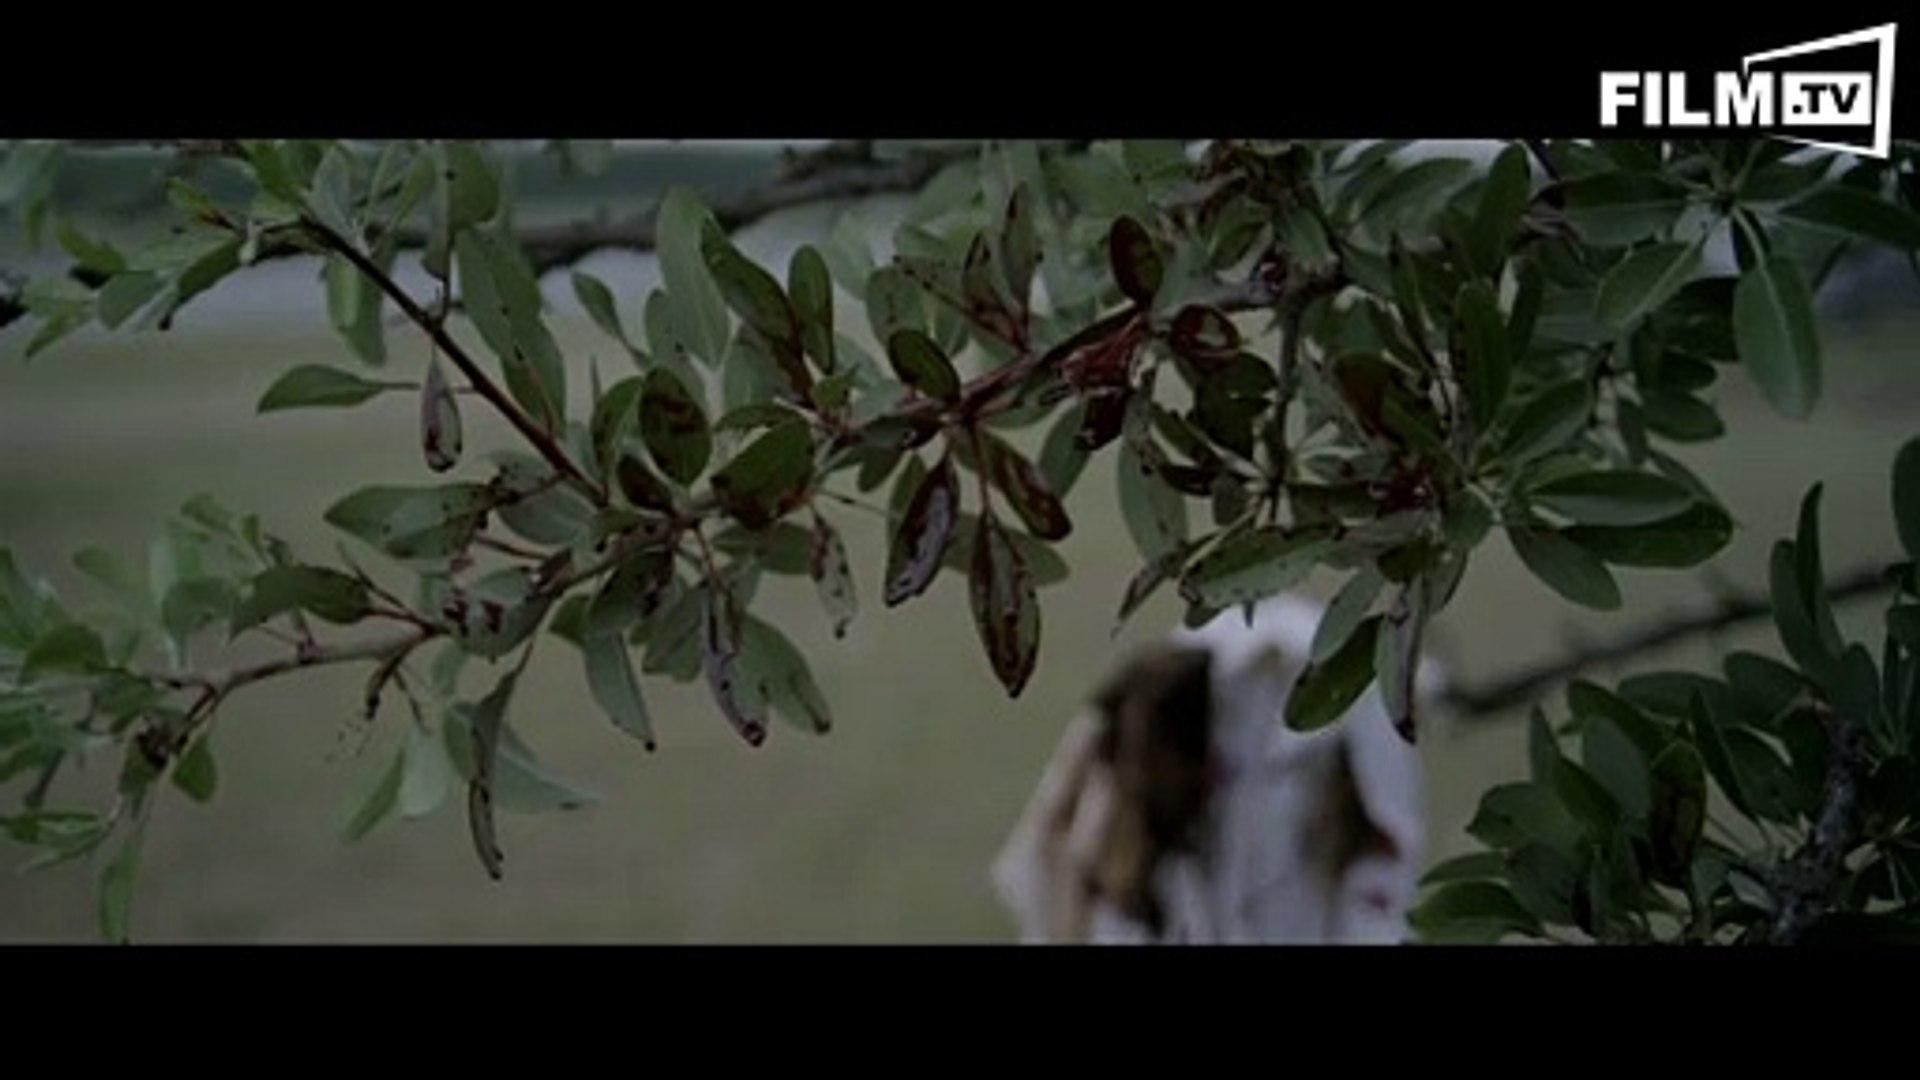 Riverbanks - Trailer - Filmkritik (2015) - Trailer